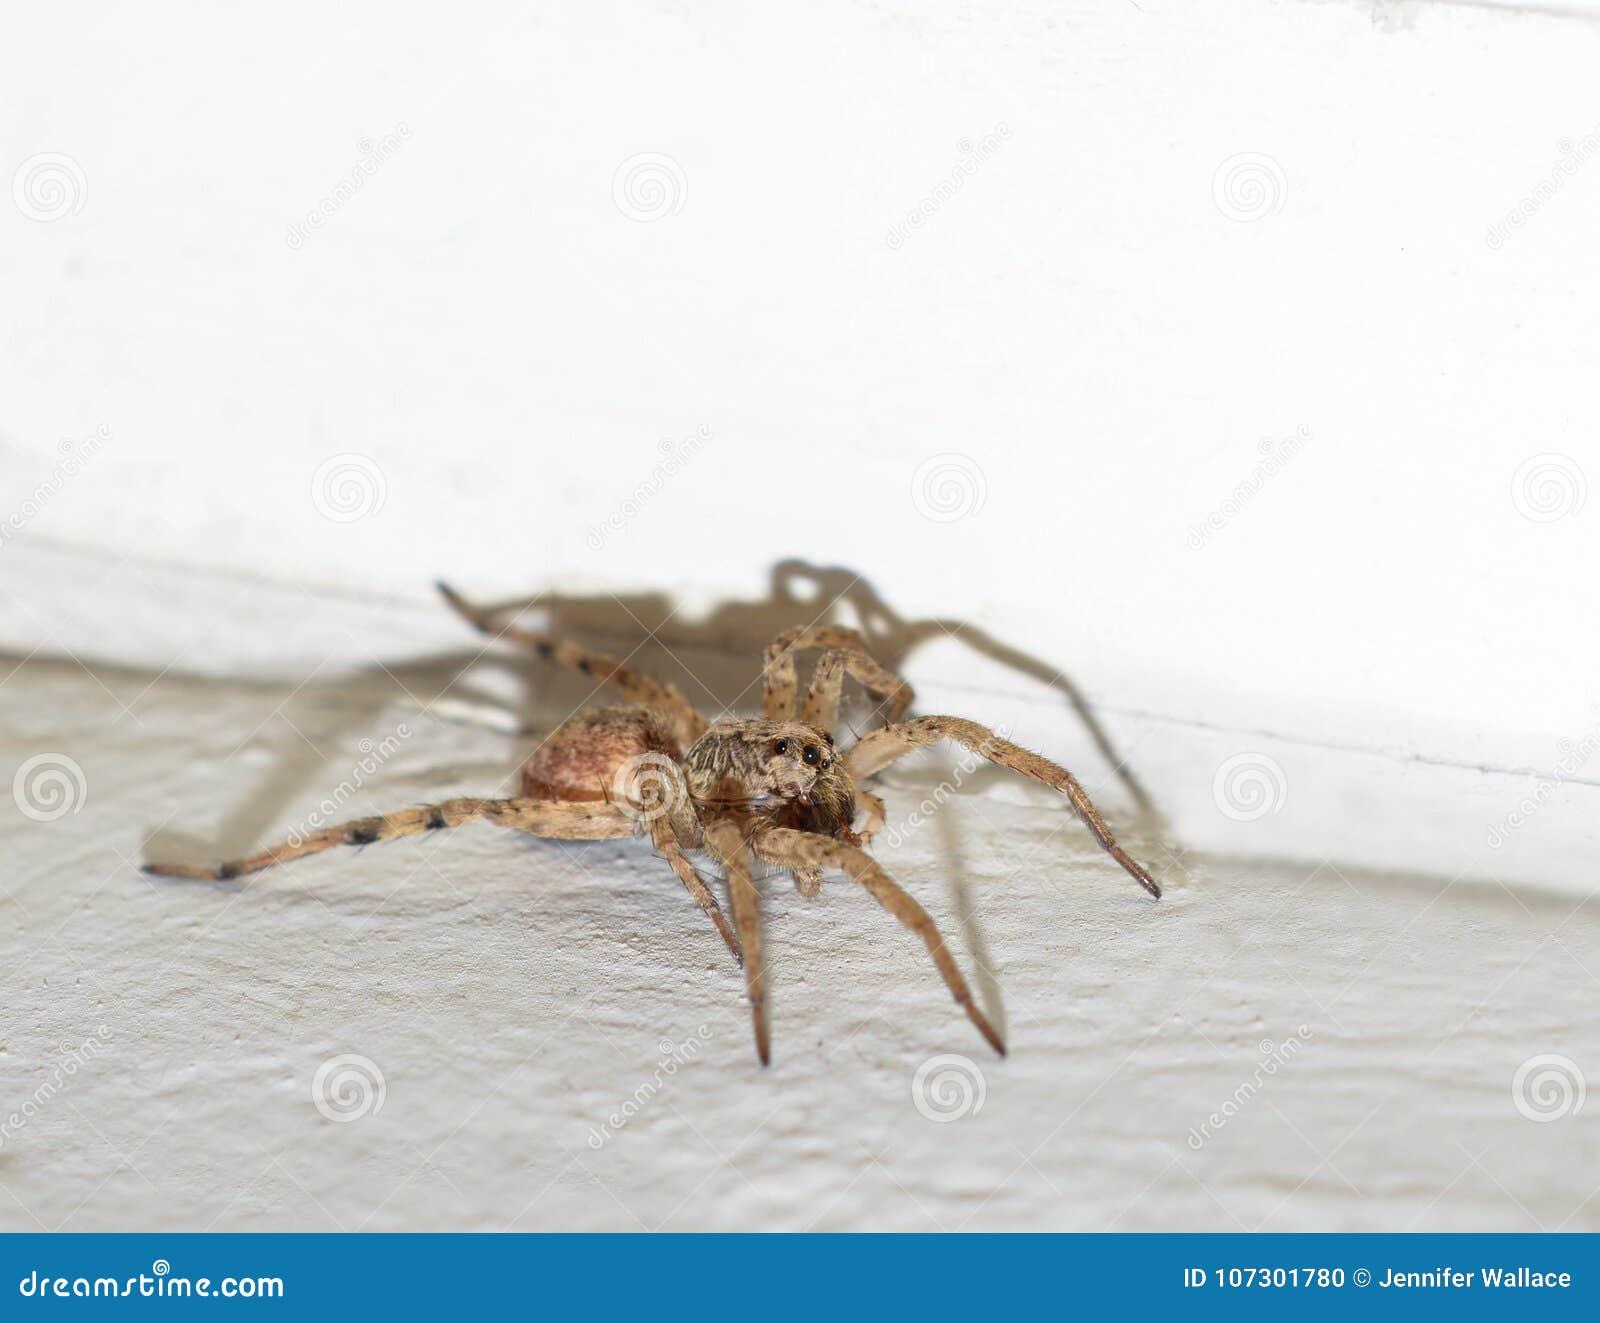 Foto macra de una araña de lobo marrón melenuda dentro de una casa